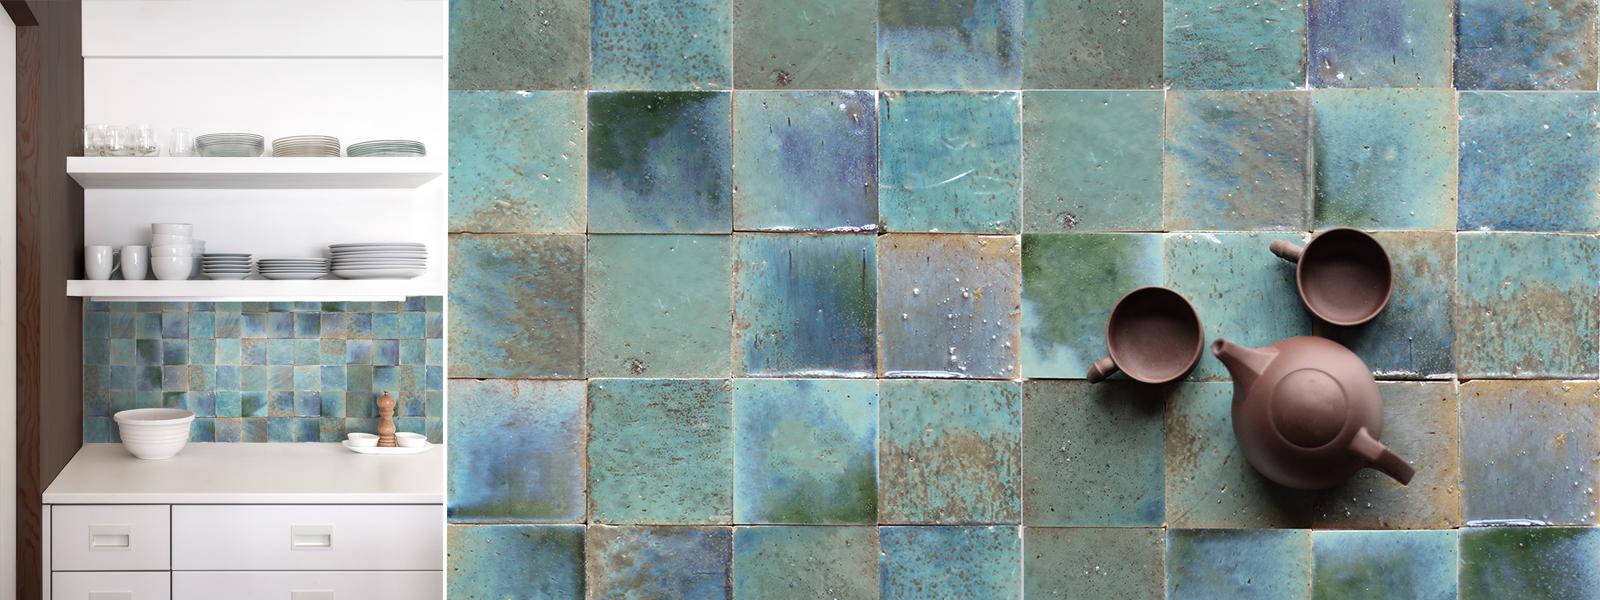 cle-tile-slate-stone-tiles